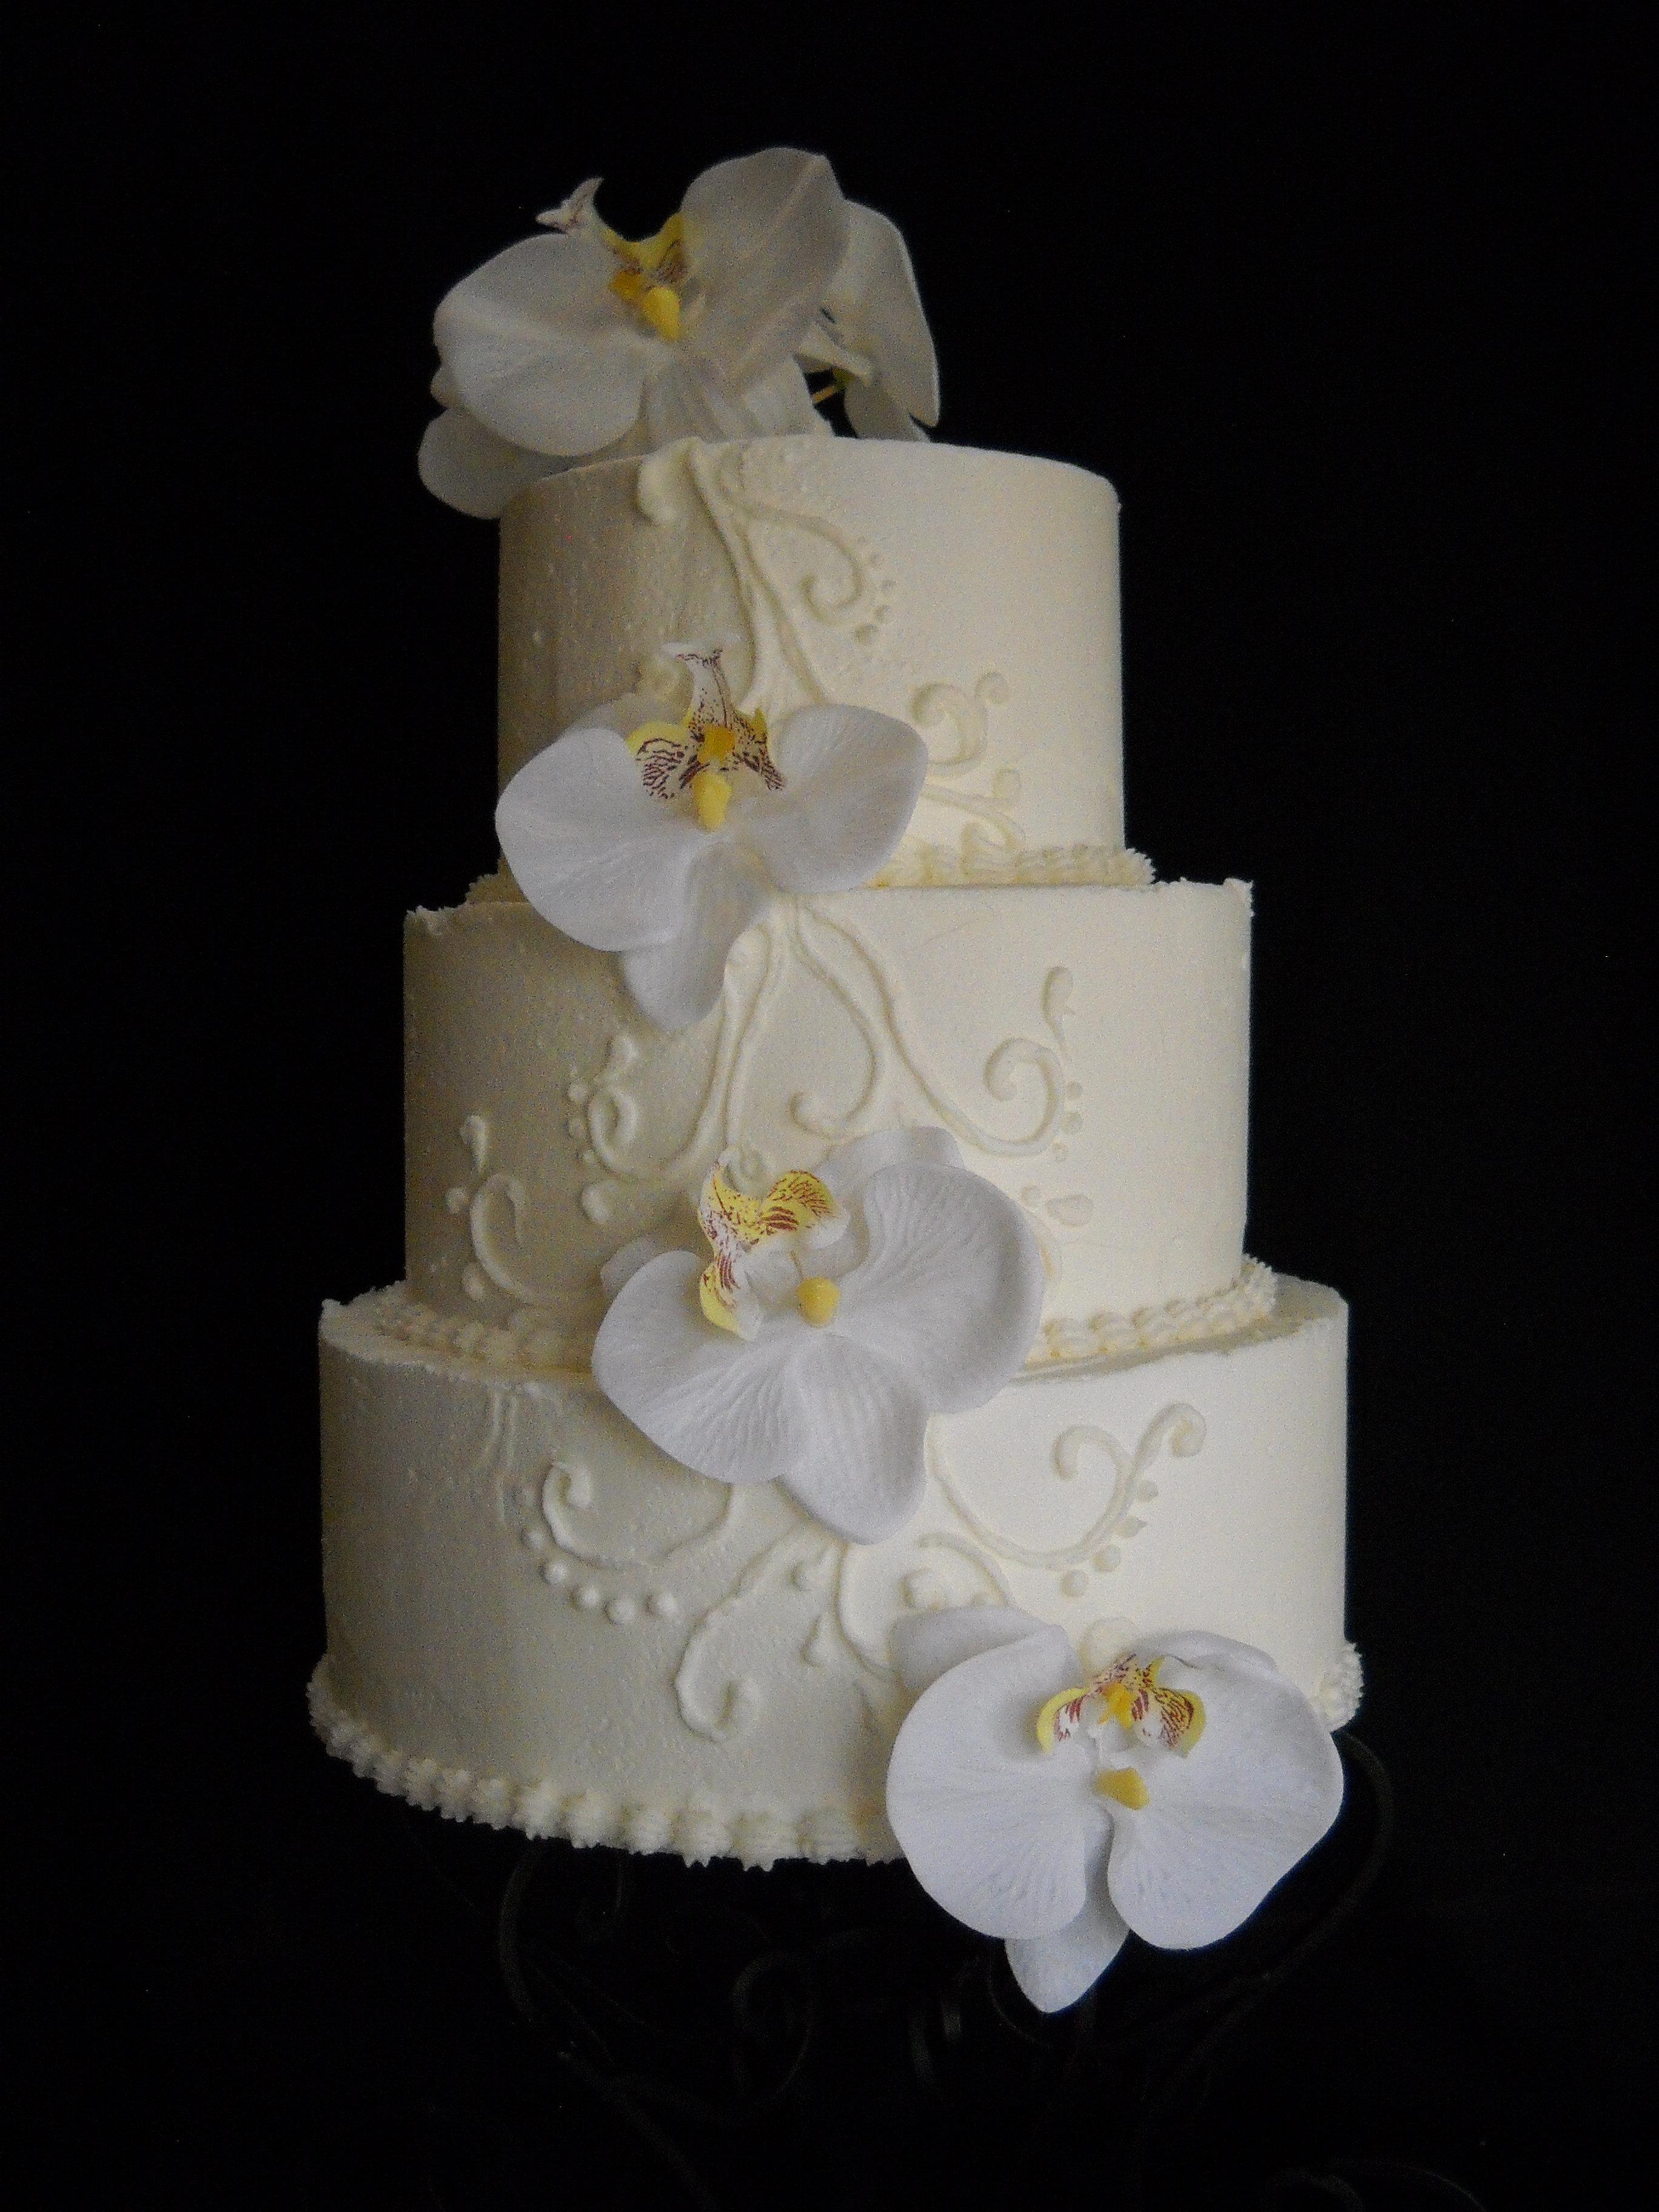 Janie S Cakes